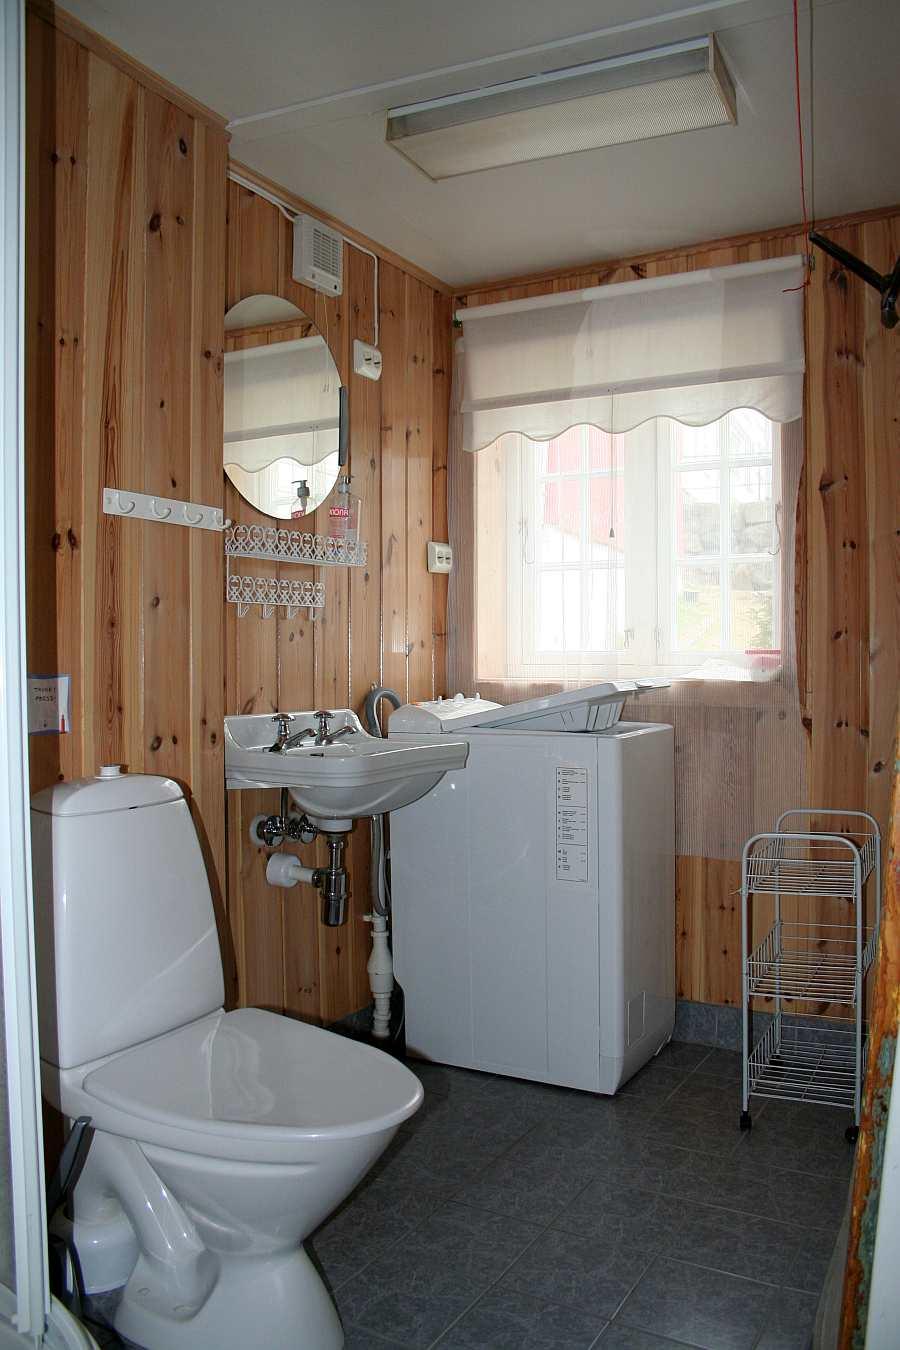 Haushälfte Westersiden No.8: Das Badezimmer mit Dusche, WC , Waschmaschine und Fußbodenheizung